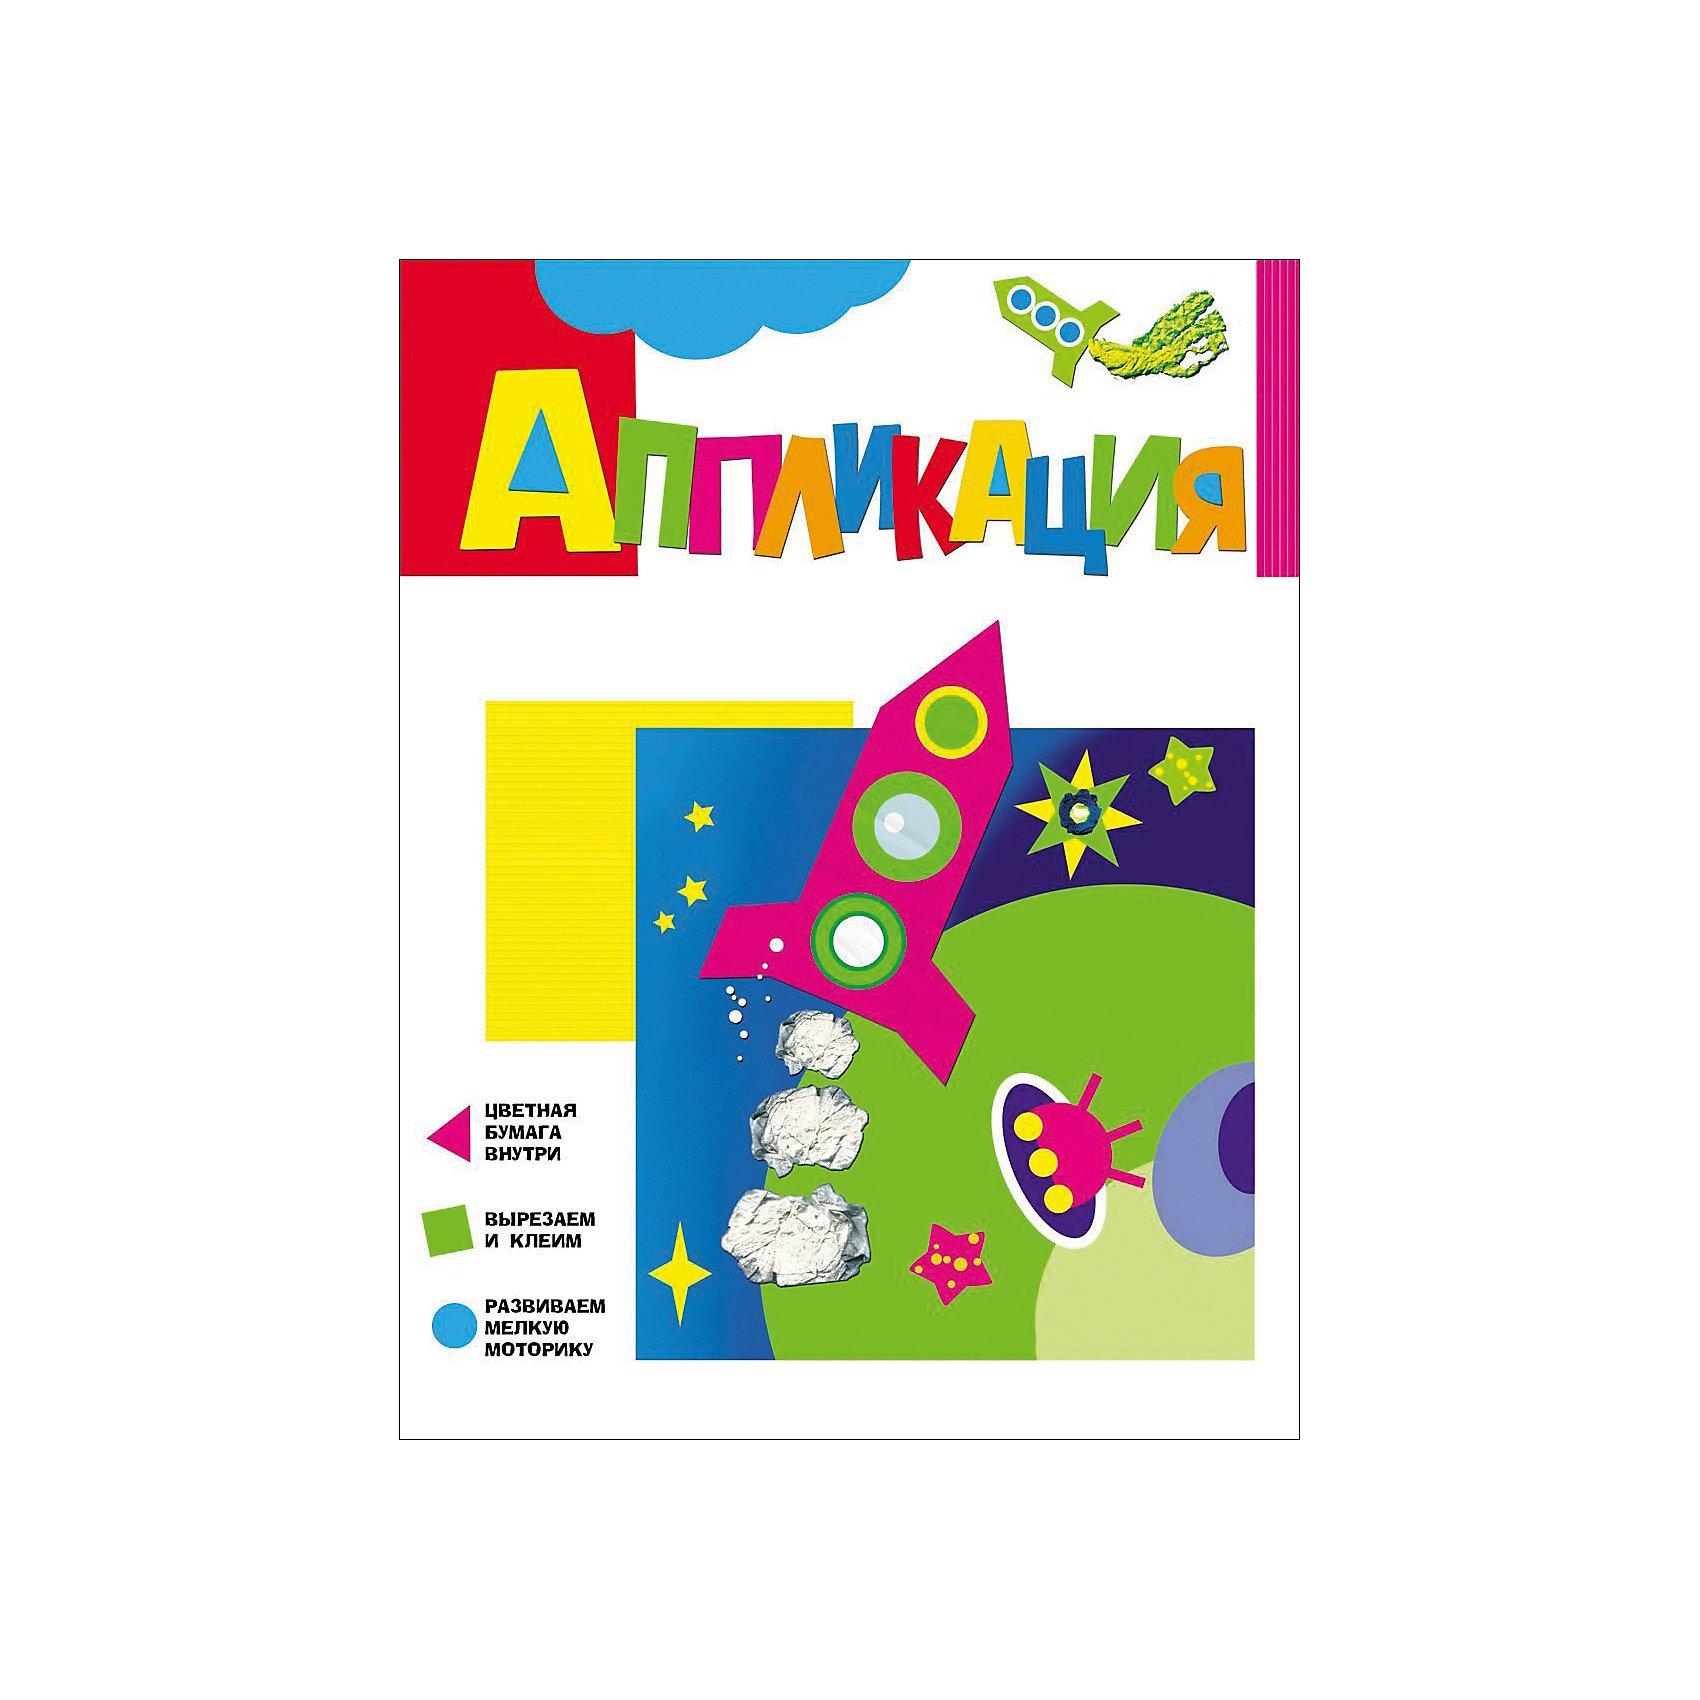 Аппликация. РакетаХарактеристики товара:<br><br>- цвет: разноцветный;<br>- материал: бумага;<br>- формат: 22 х 29 см;<br>- страниц: 16;<br>- обложка: мягкая.<br><br>Это издание станет отличным подарком для ребенка. Оно поможет малышу развить творческие навыки и весело провести время! Из цветной бумаги разных цветов ребенок может сложить рисунок. Сделать это несложно - есть проиллюстрированная инструкция! Цветная бумага прилагается.<br>Такое занятие помогает ребенку развивать зрительную память, концентрацию внимания и воображение. Издание произведено из качественных материалов, которые безопасны даже для самых маленьких.<br><br>Издание Аппликация. Ракета от компании Росмэн можно купить в нашем интернет-магазине.<br><br>Ширина мм: 275<br>Глубина мм: 210<br>Высота мм: 3<br>Вес г: 74<br>Возраст от месяцев: 36<br>Возраст до месяцев: 72<br>Пол: Унисекс<br>Возраст: Детский<br>SKU: 5110139